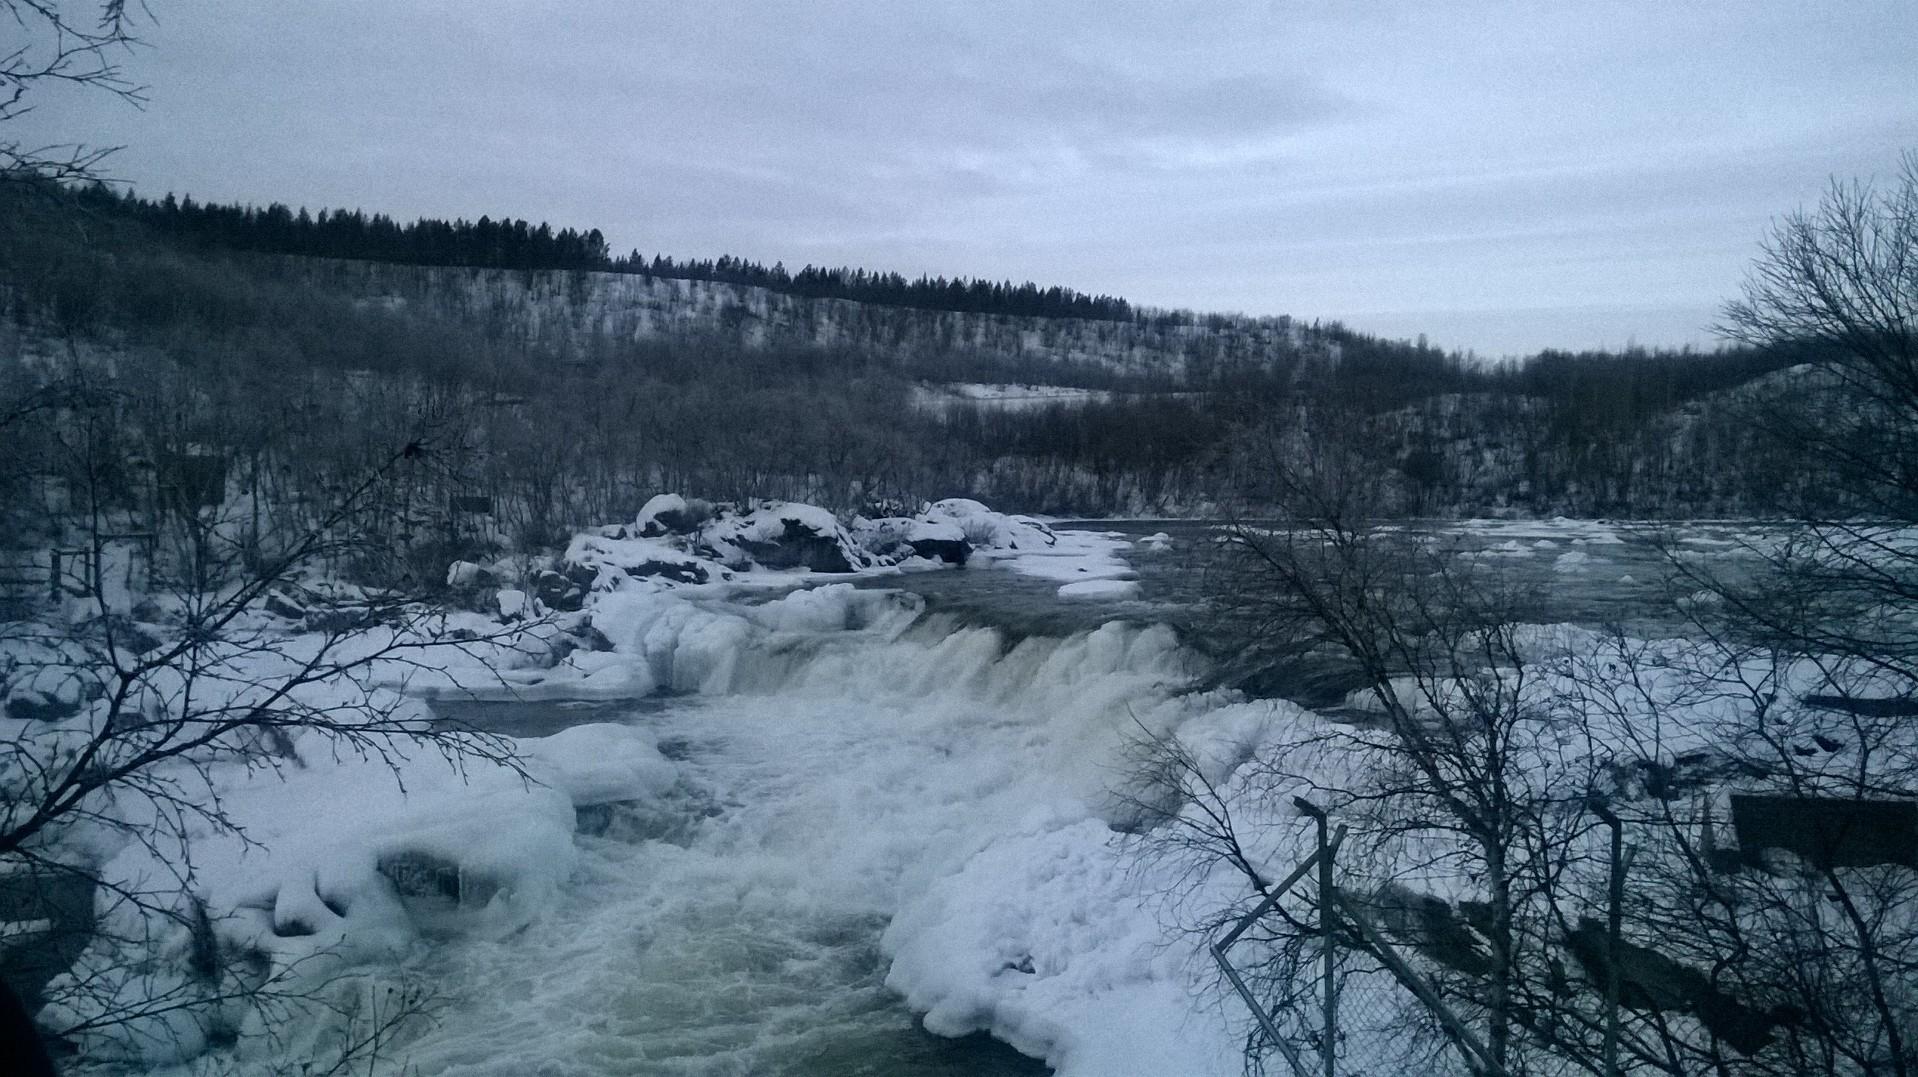 viajes-erasmus-laponia-finlandesa-ii-216